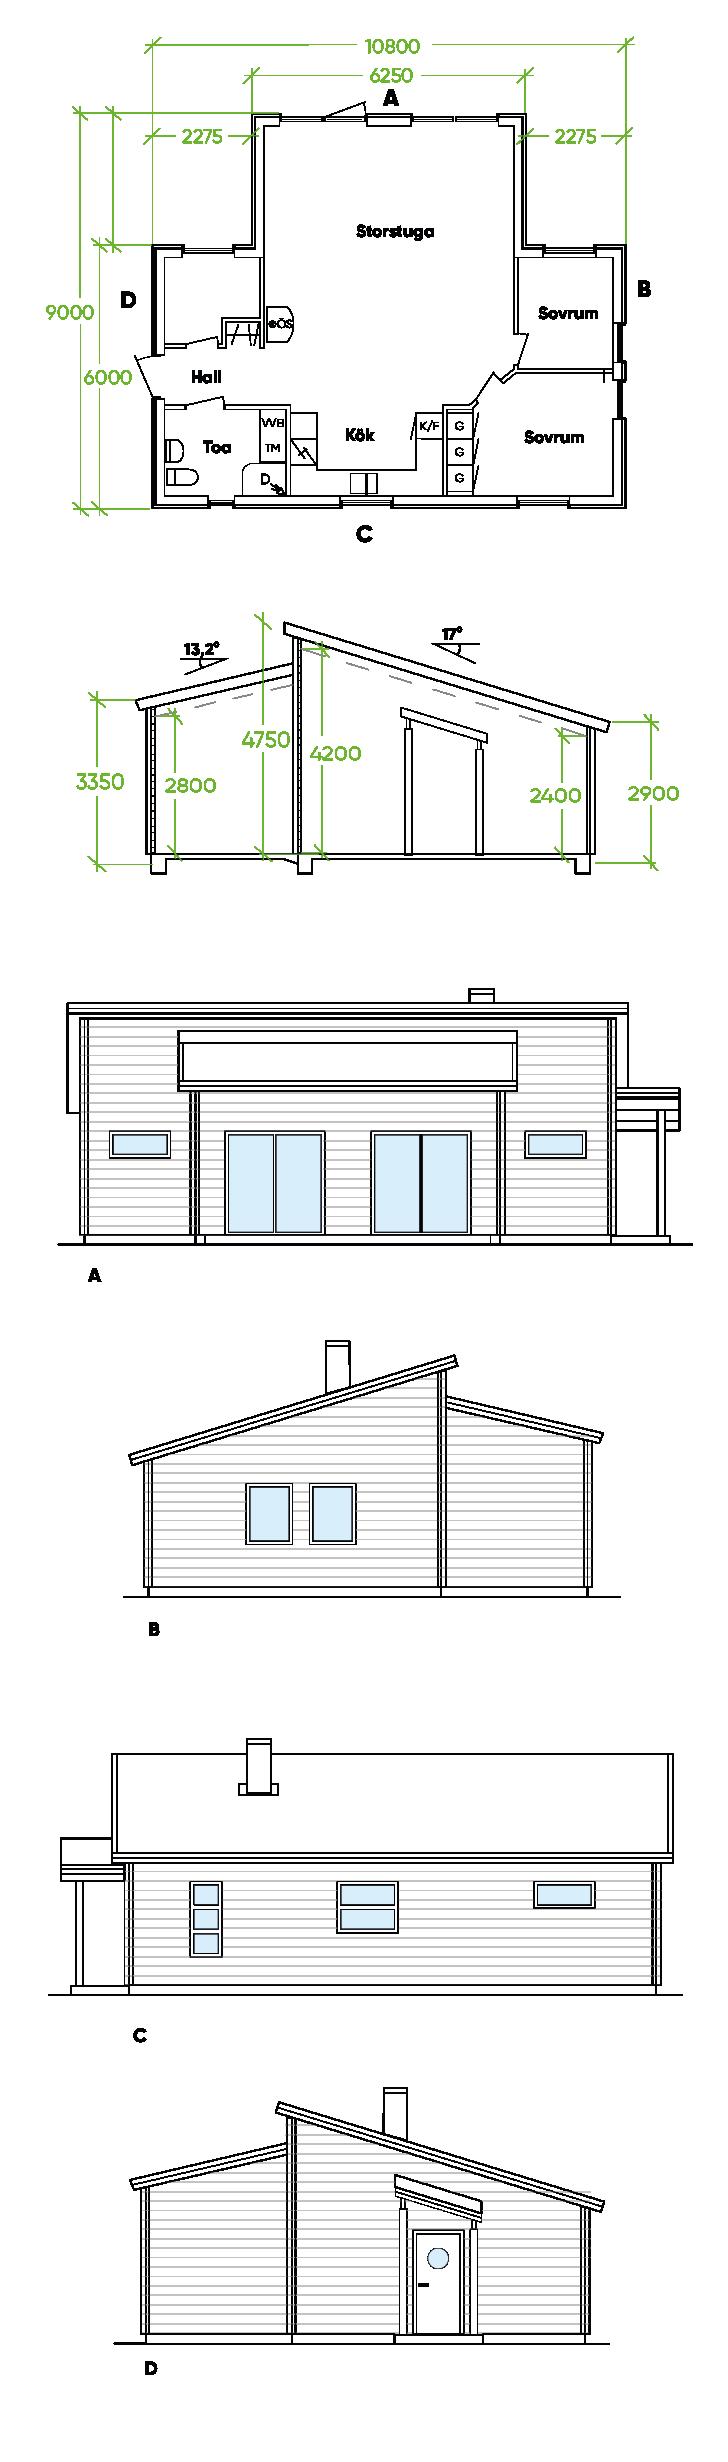 PLANRITNING-boviken Bygg och Trä